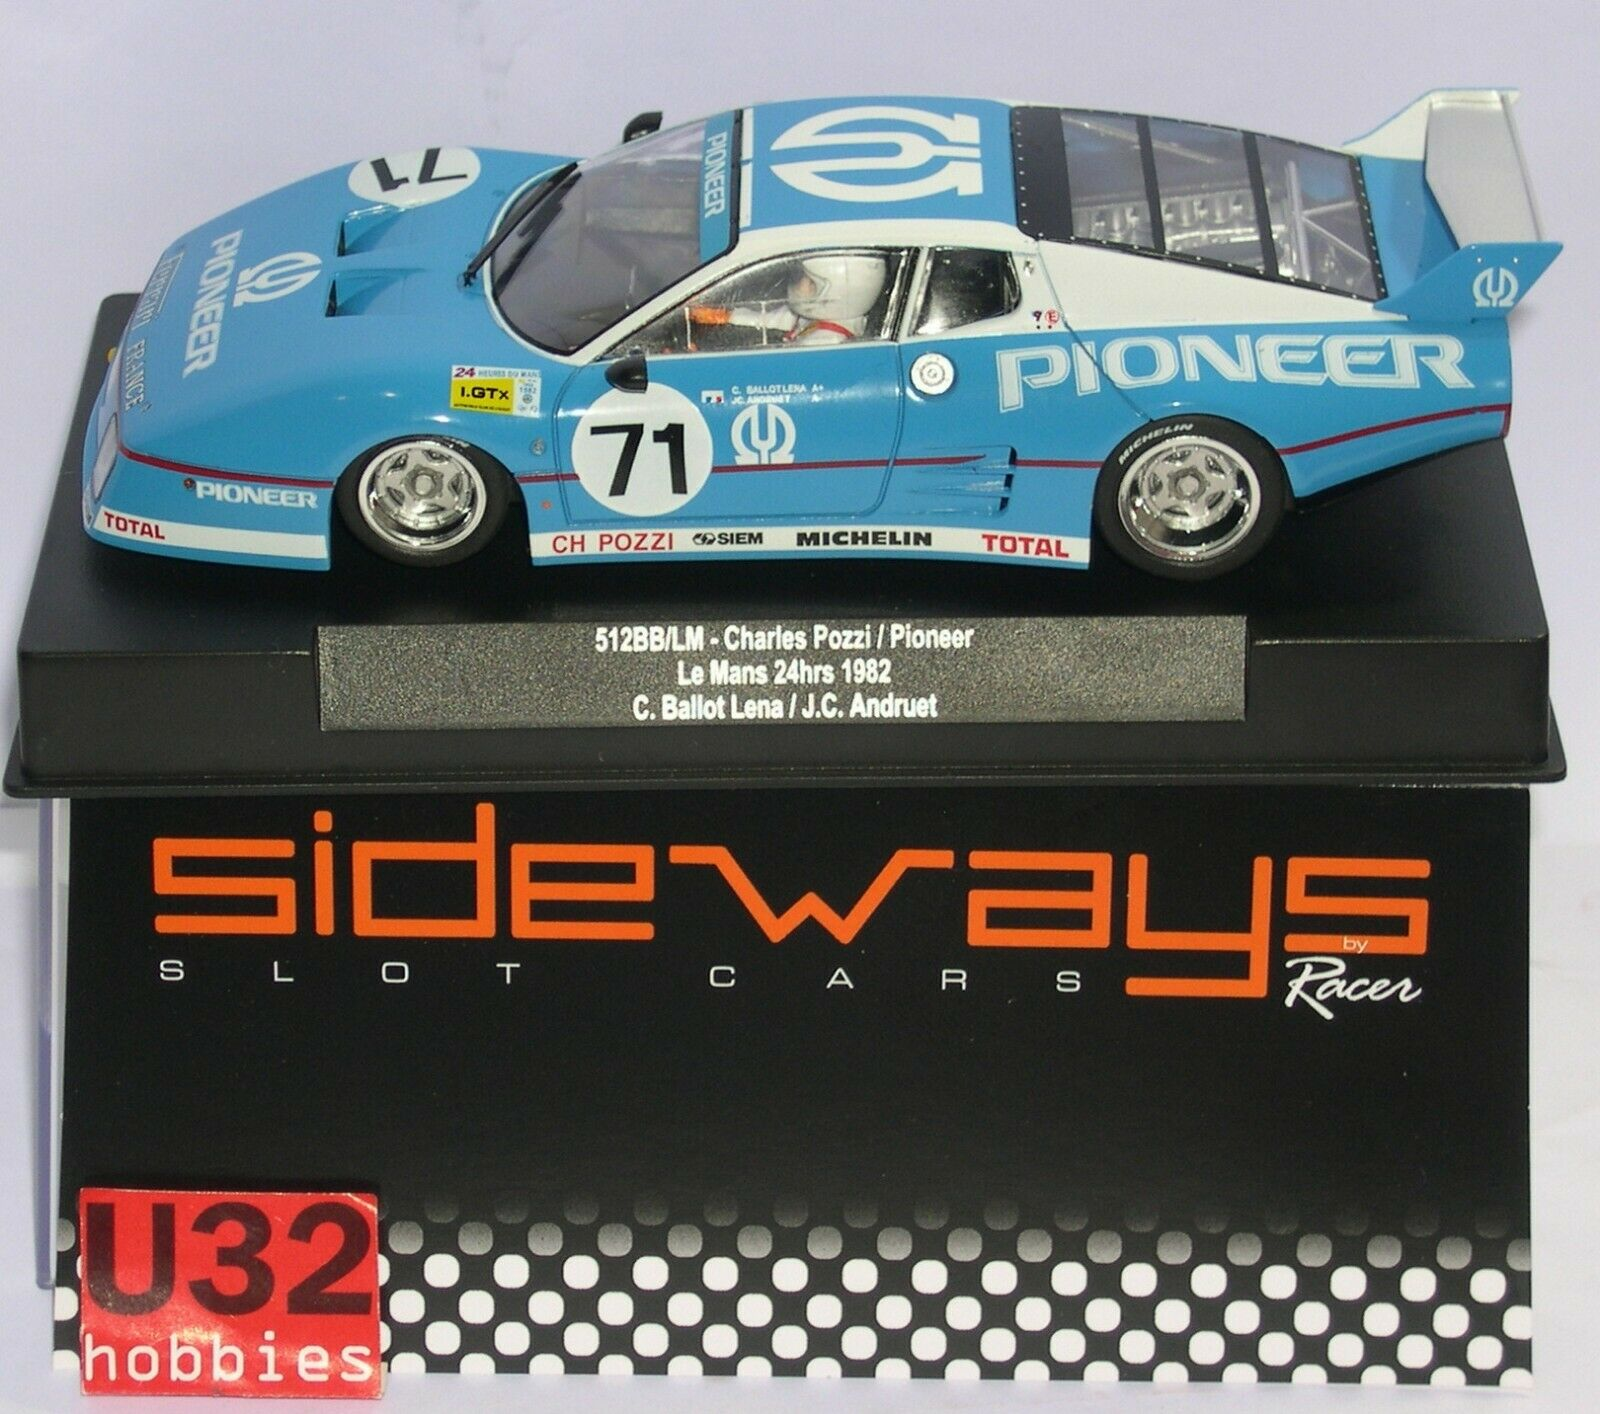 Racer Sideways sw64 Ferrari 512bb LM   71 Pioneer 24h.le hommes 1982  économiser jusqu'à 70%